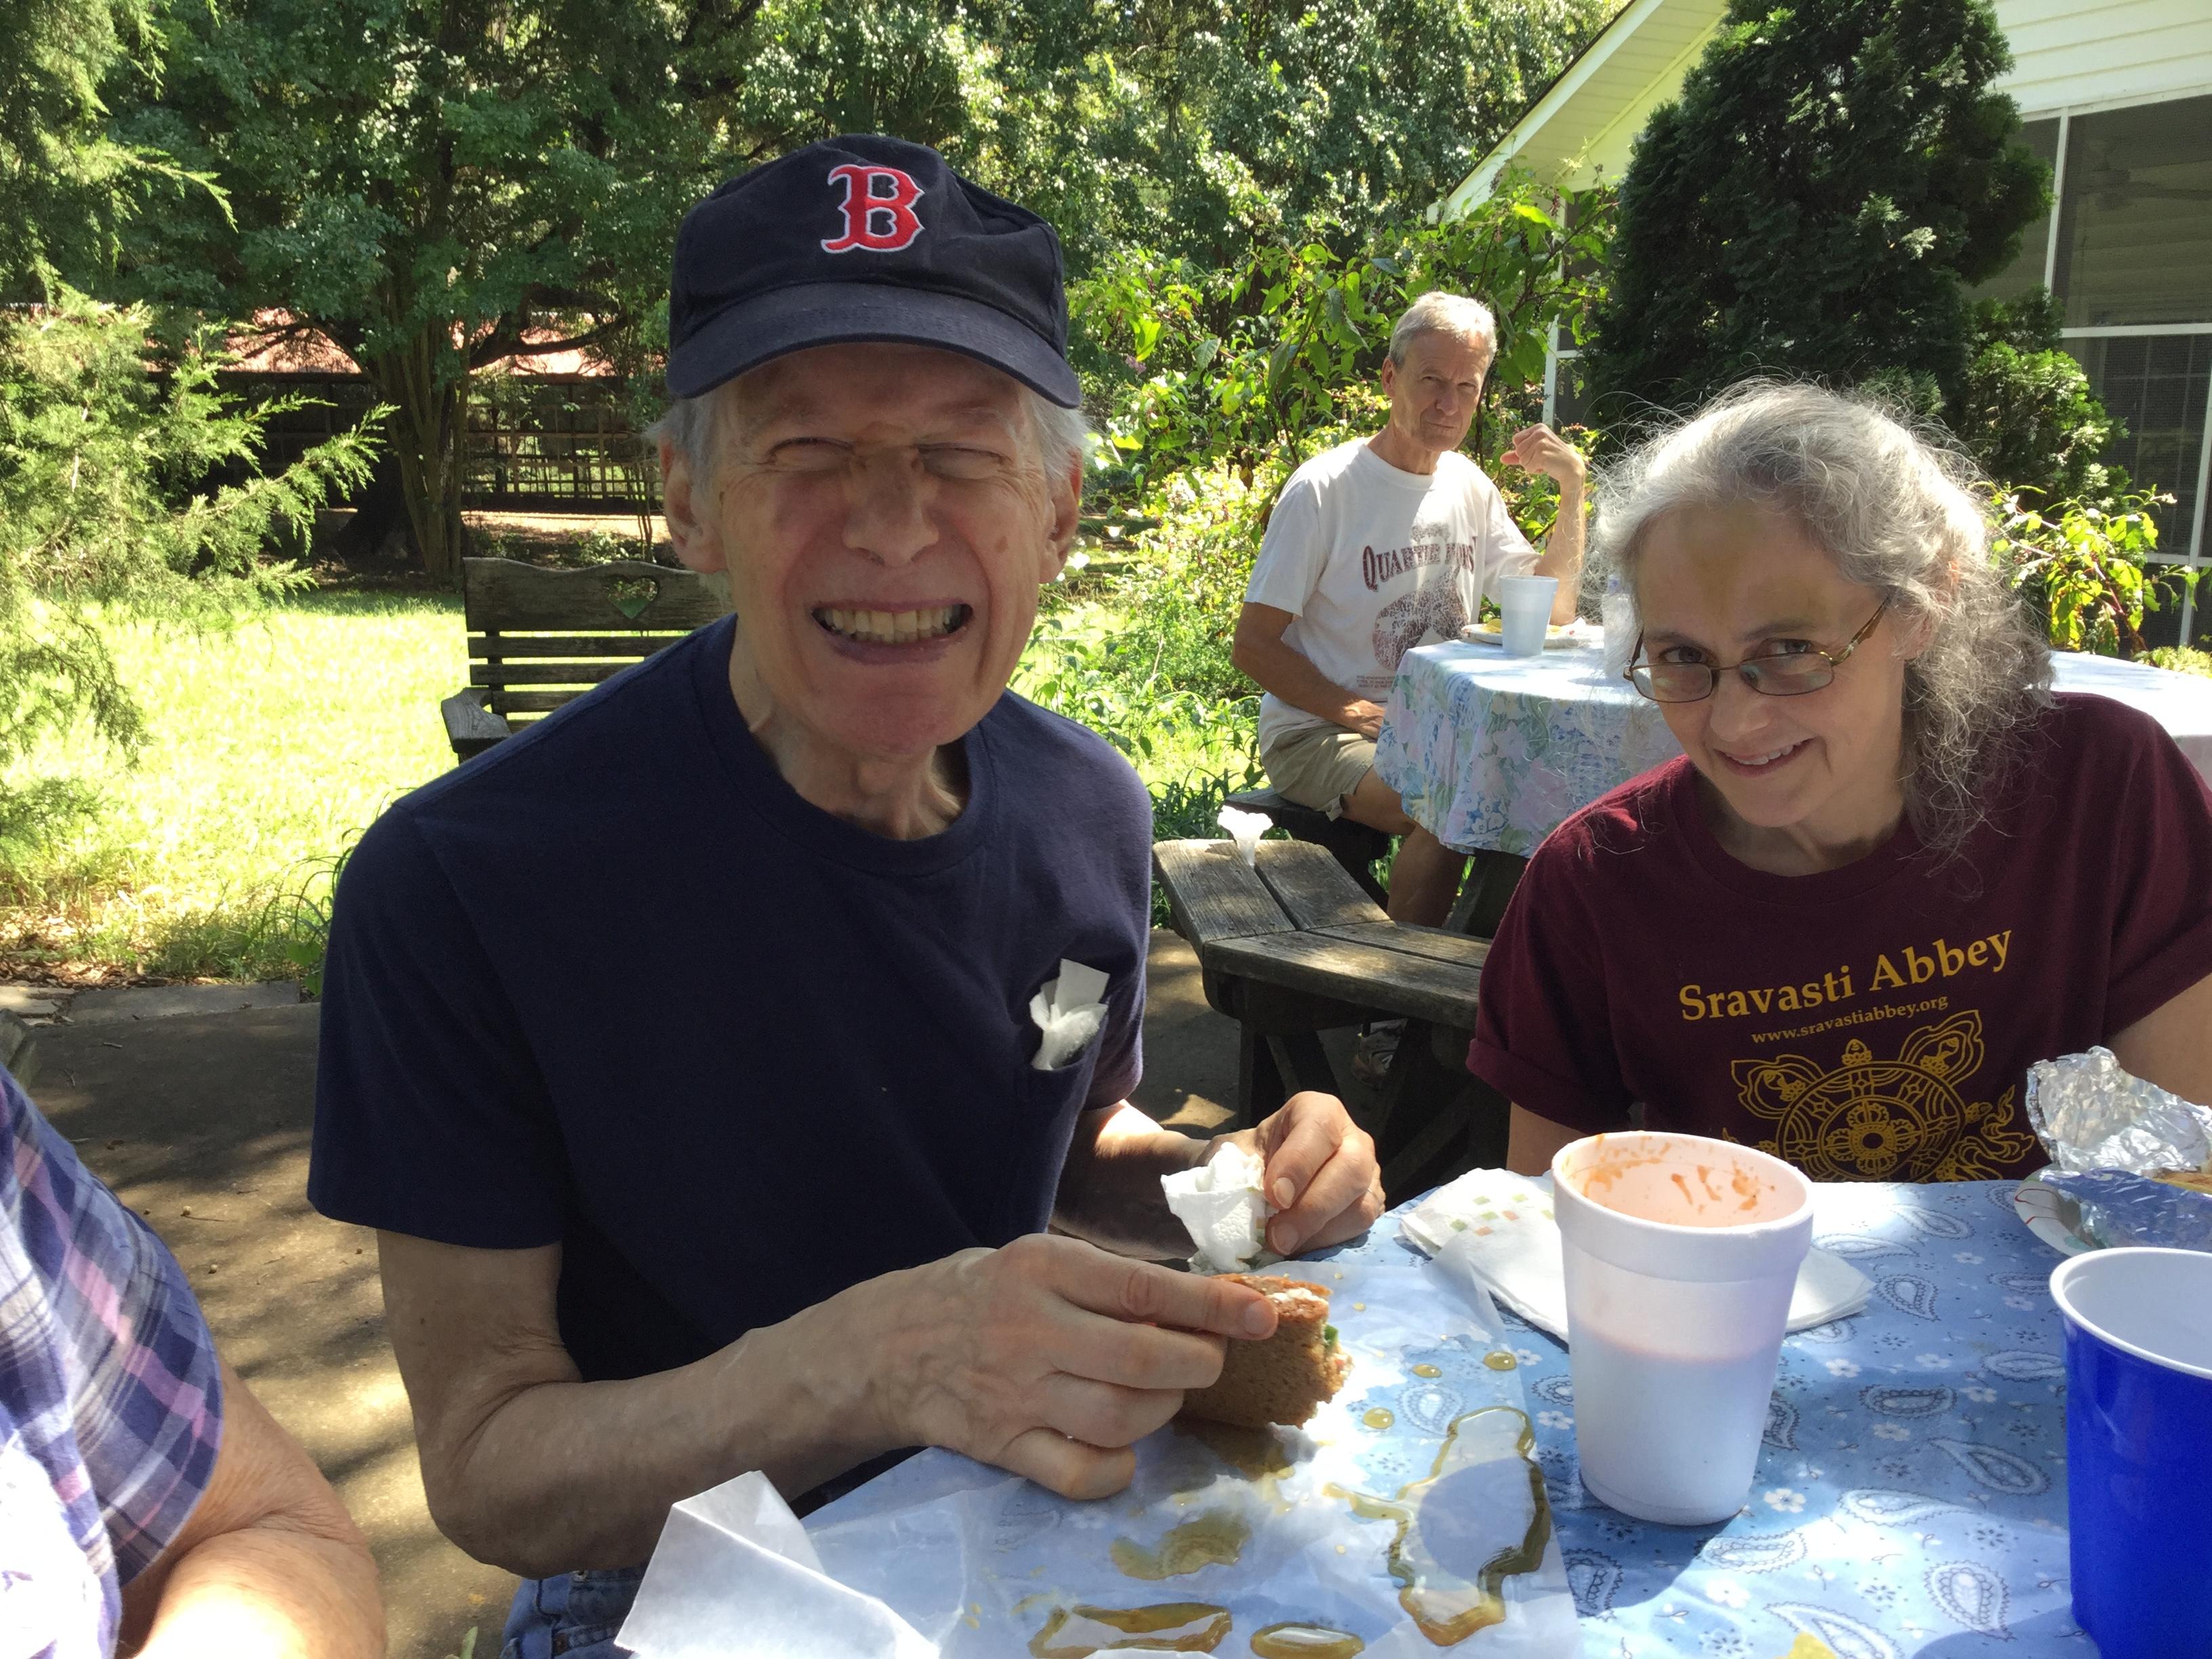 Jim & Suzanne